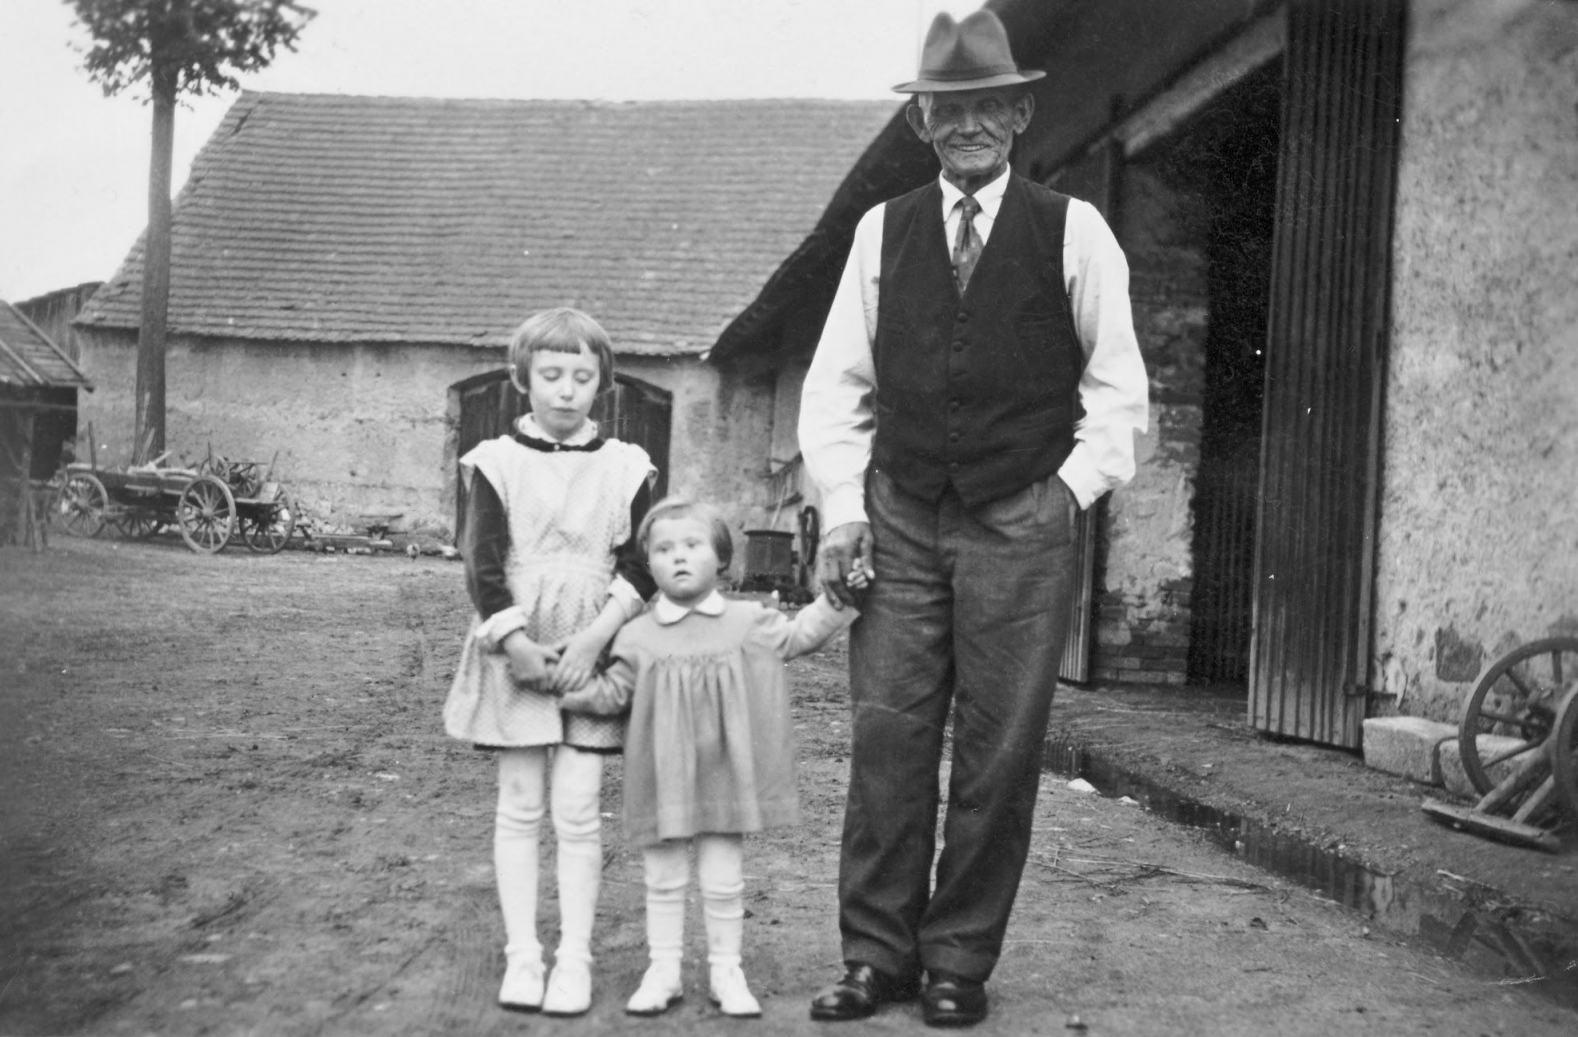 Obrázek FreddyKrueger-zrodinnehoarchivucca1934